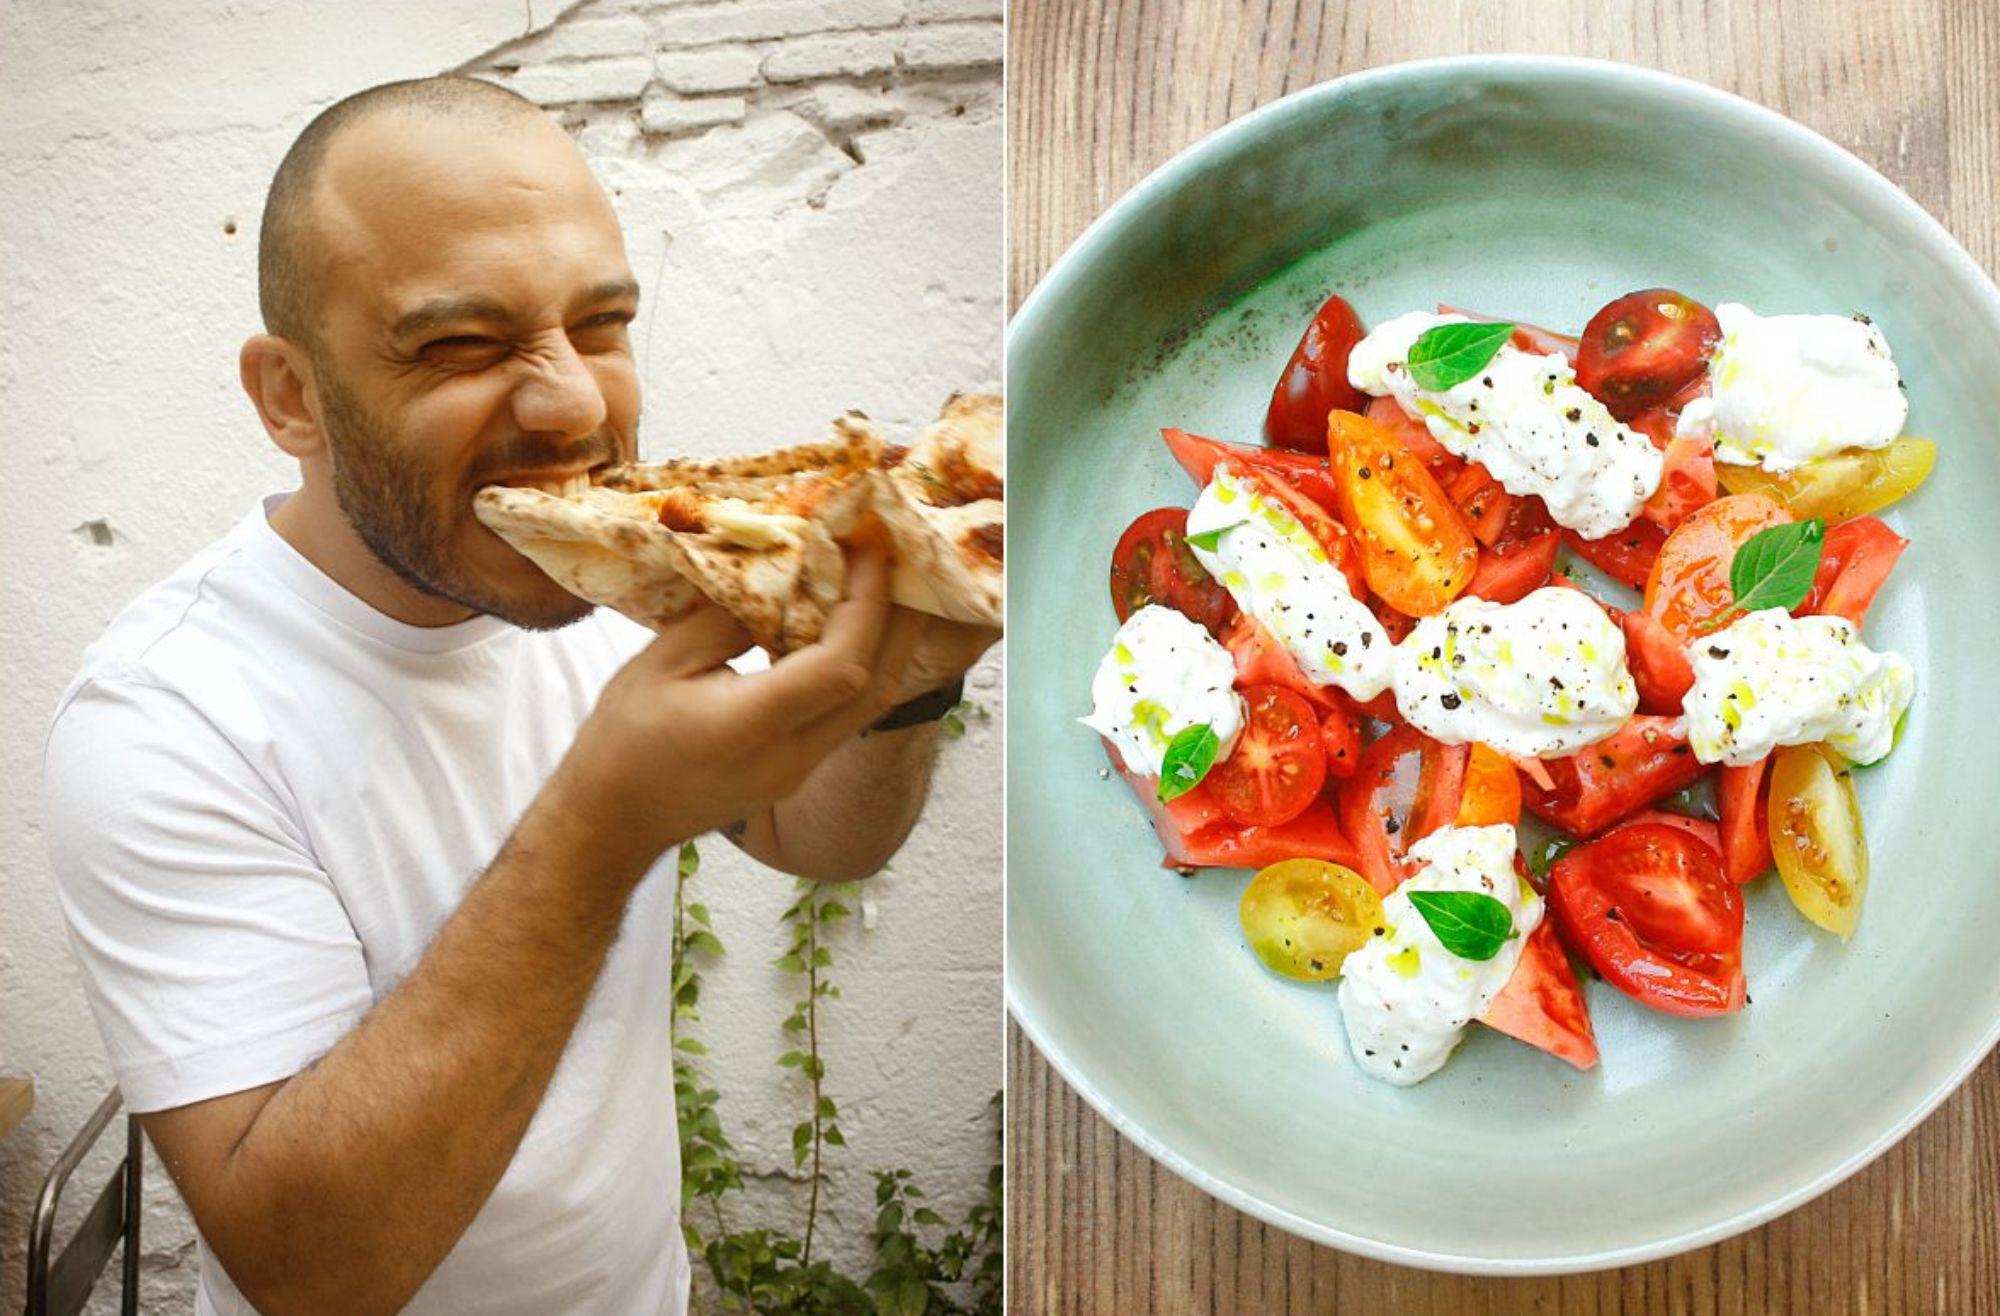 Rafa Panatieri comiendo una 'pizza' y una ensalada de tomates de temporada con 'stracciatella' y albahaca. Foto: Garden Pizza.